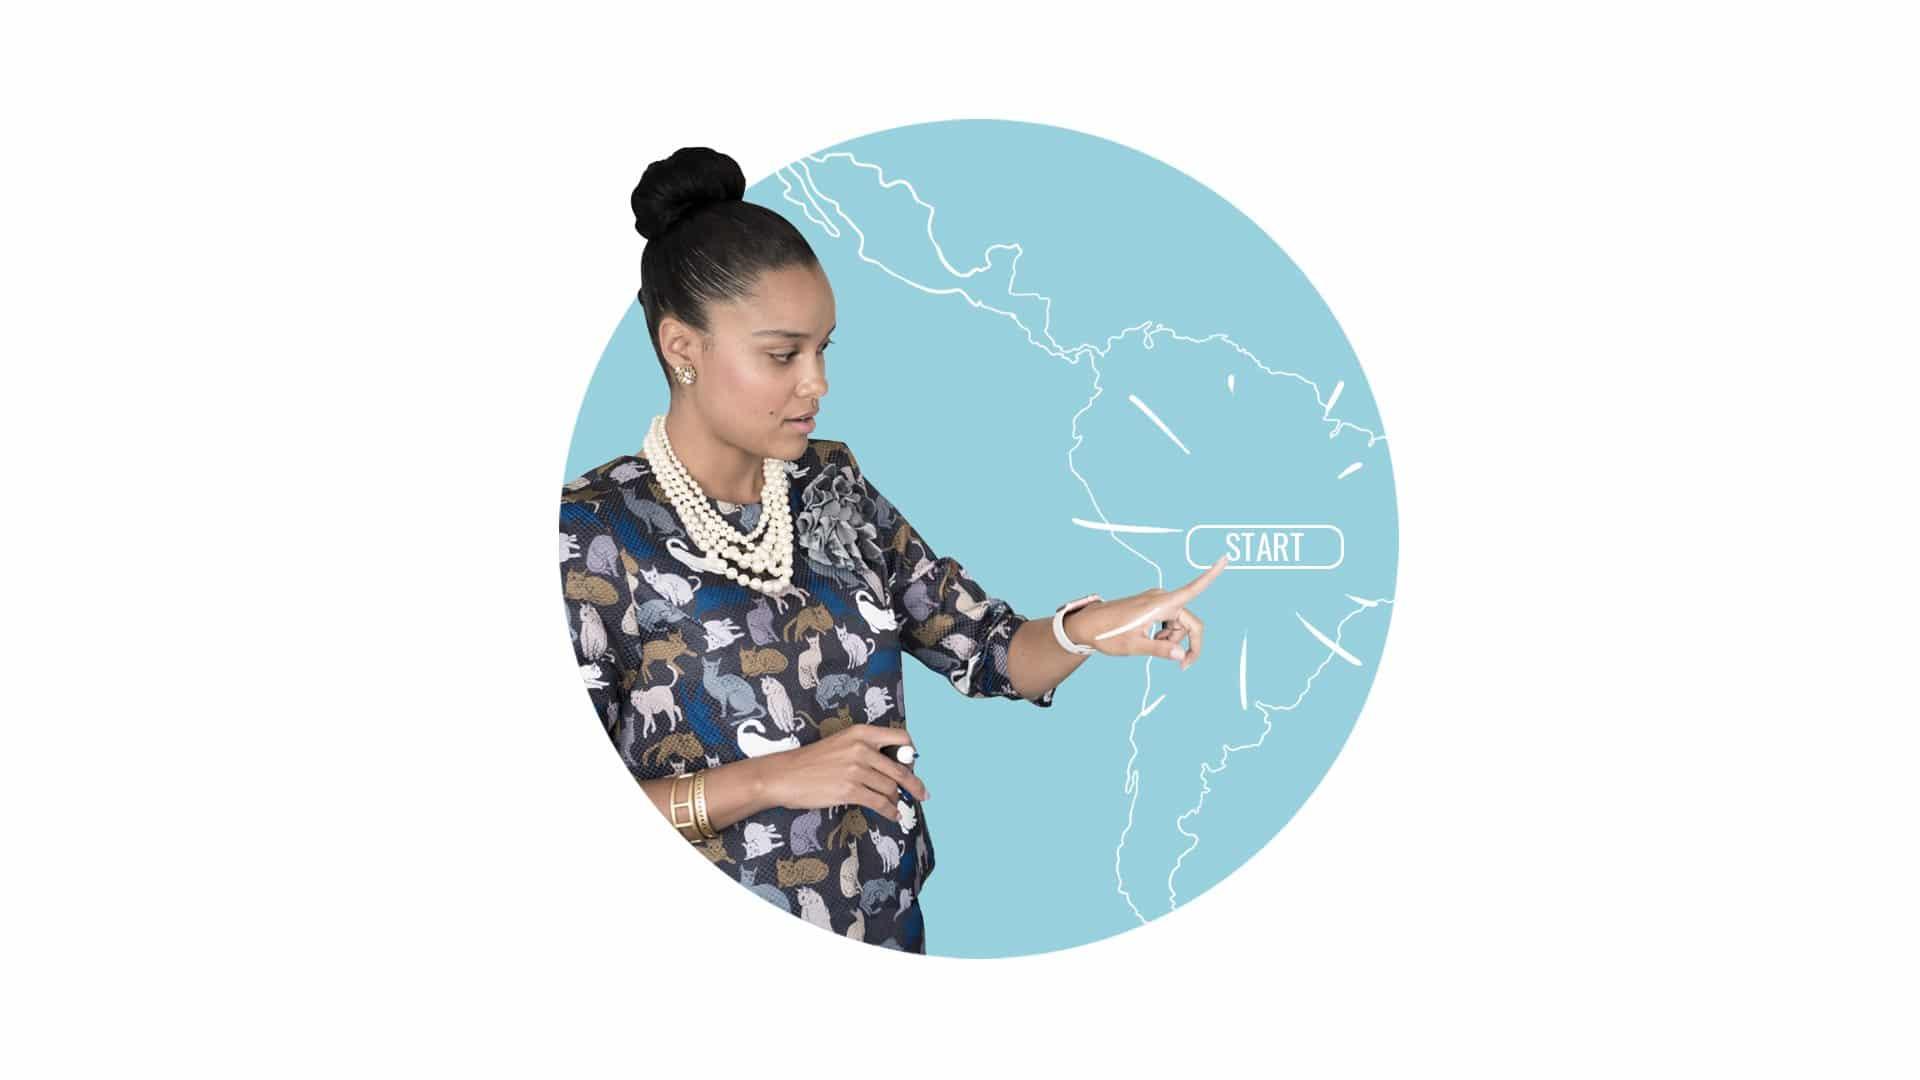 Expansión-Mercado-B2B-Latinoamerica